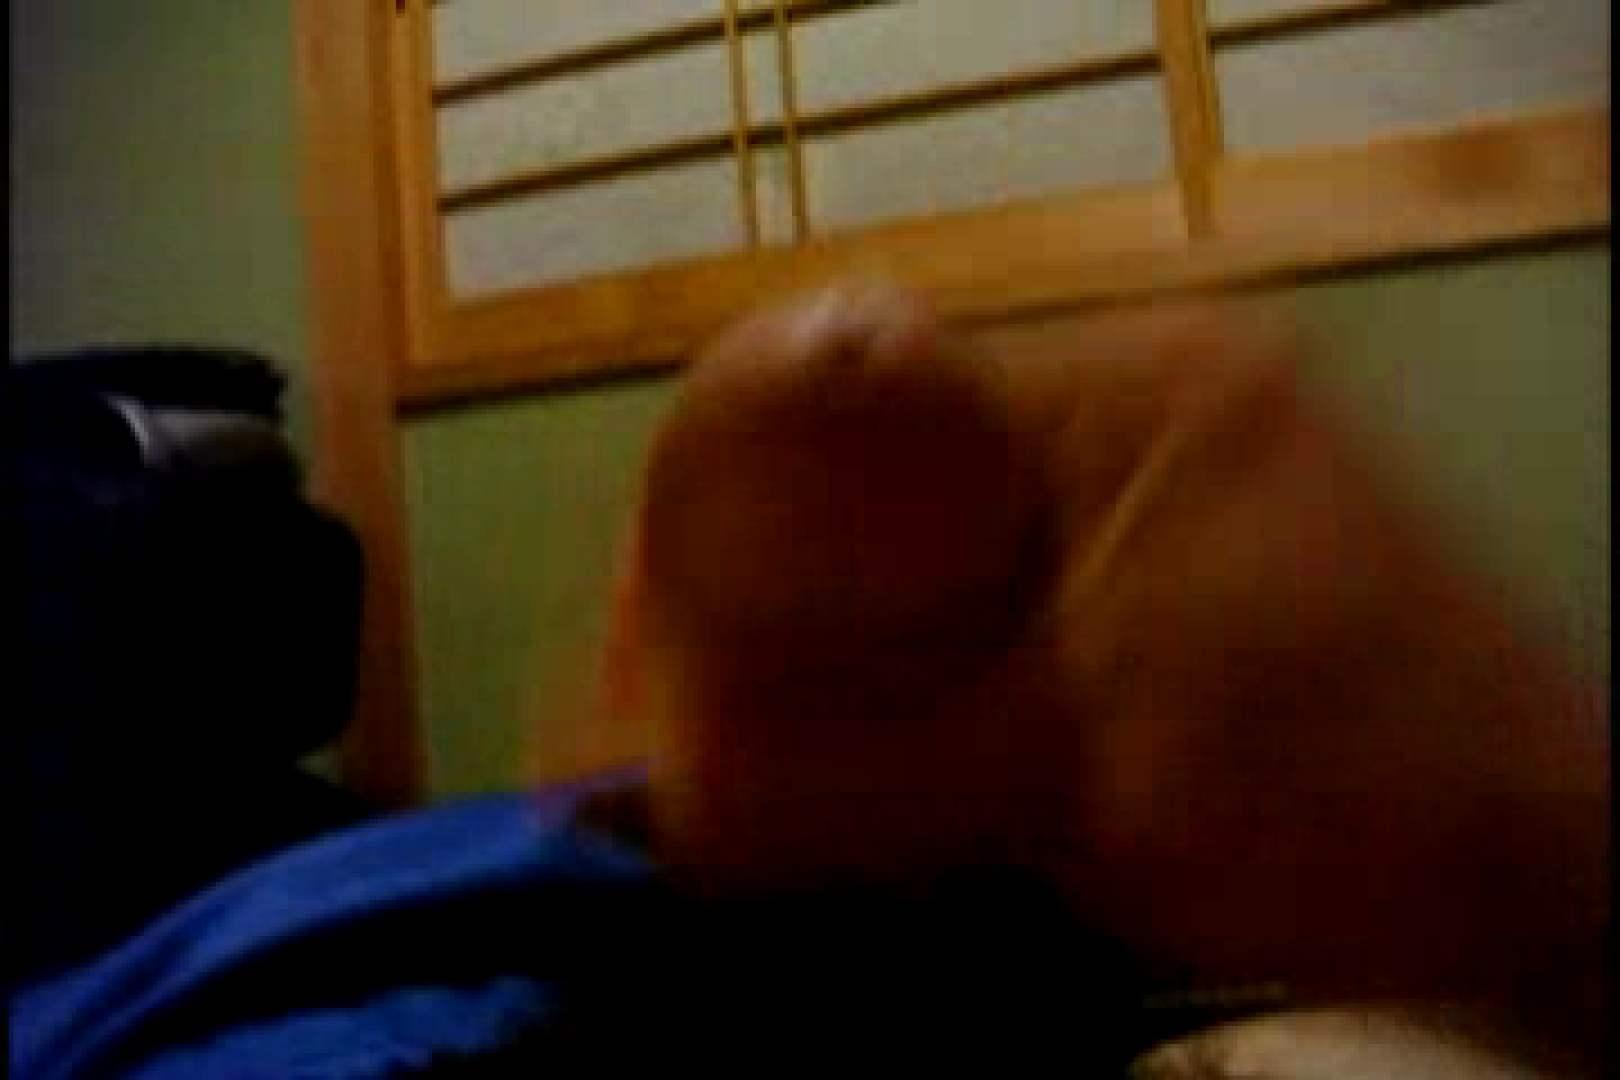 オナ好きノンケテニス部員の自画撮り投稿vol.02 射精特集 ゲイフリーエロ画像 77枚 25